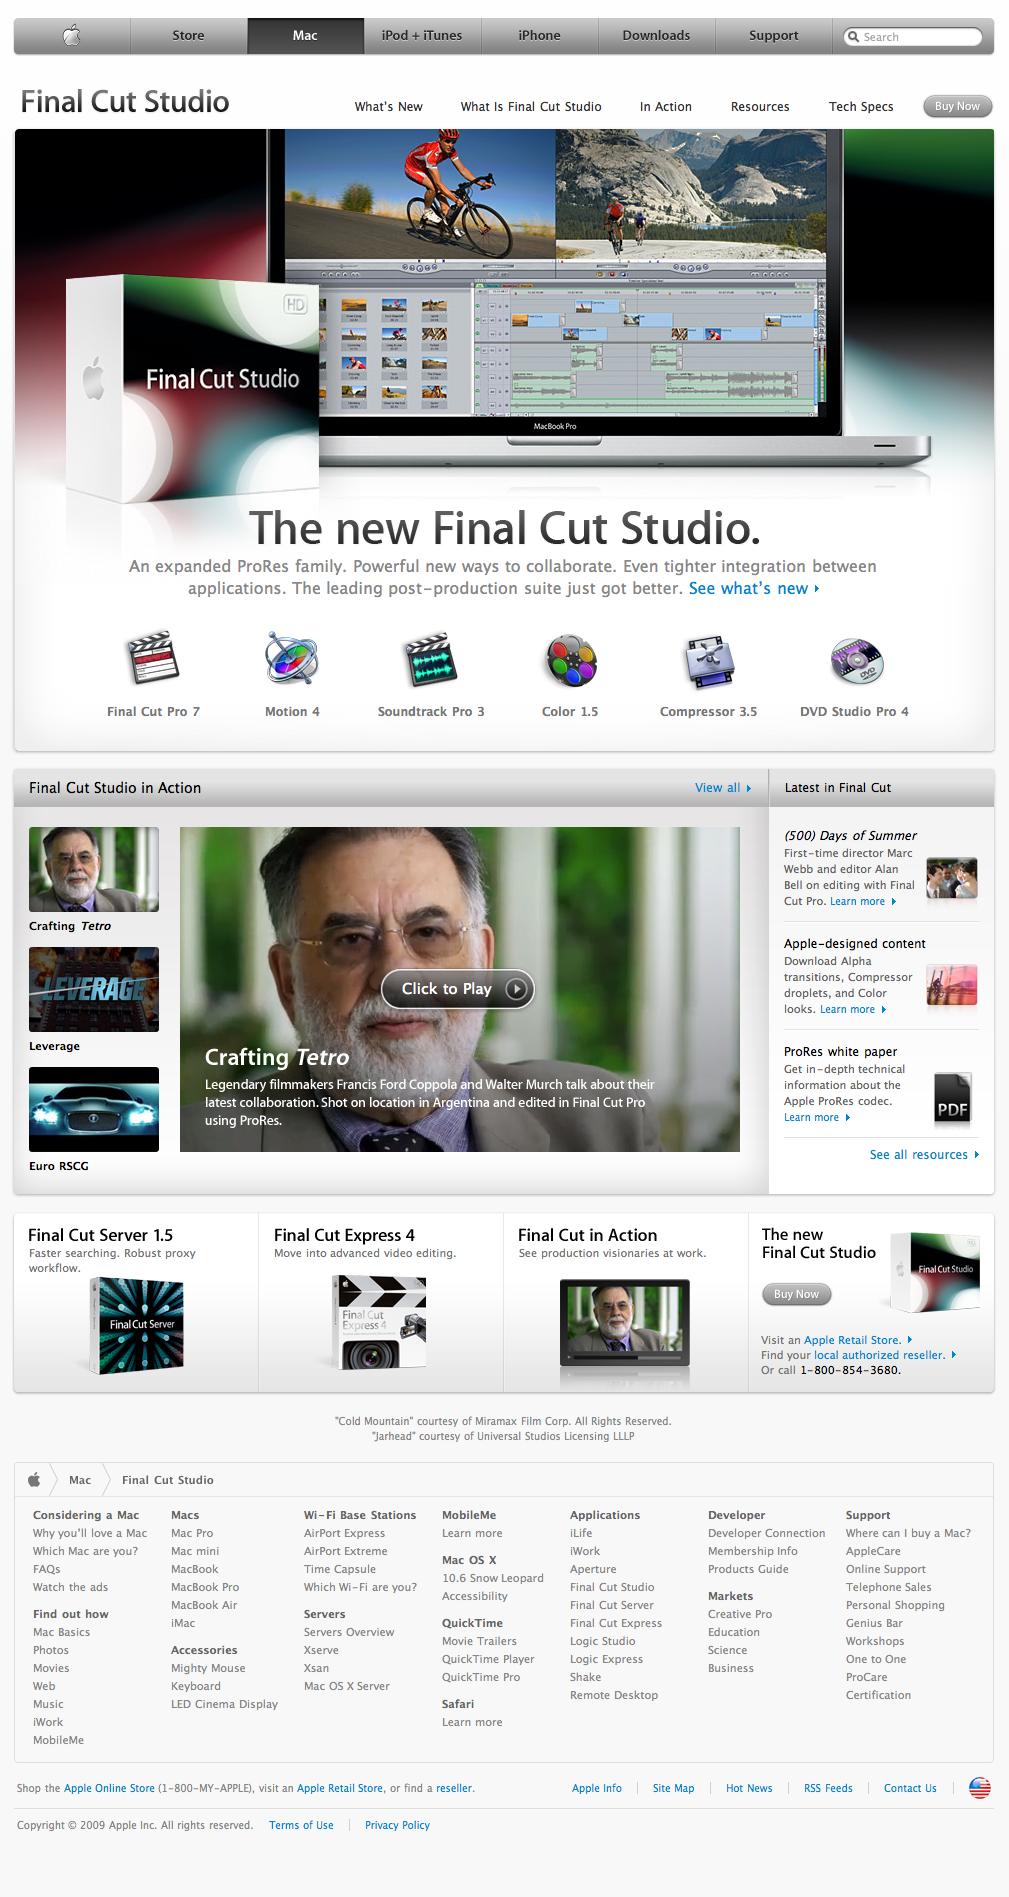 Apple - Final Cut Studio (25 07 2009)   Apple com sick